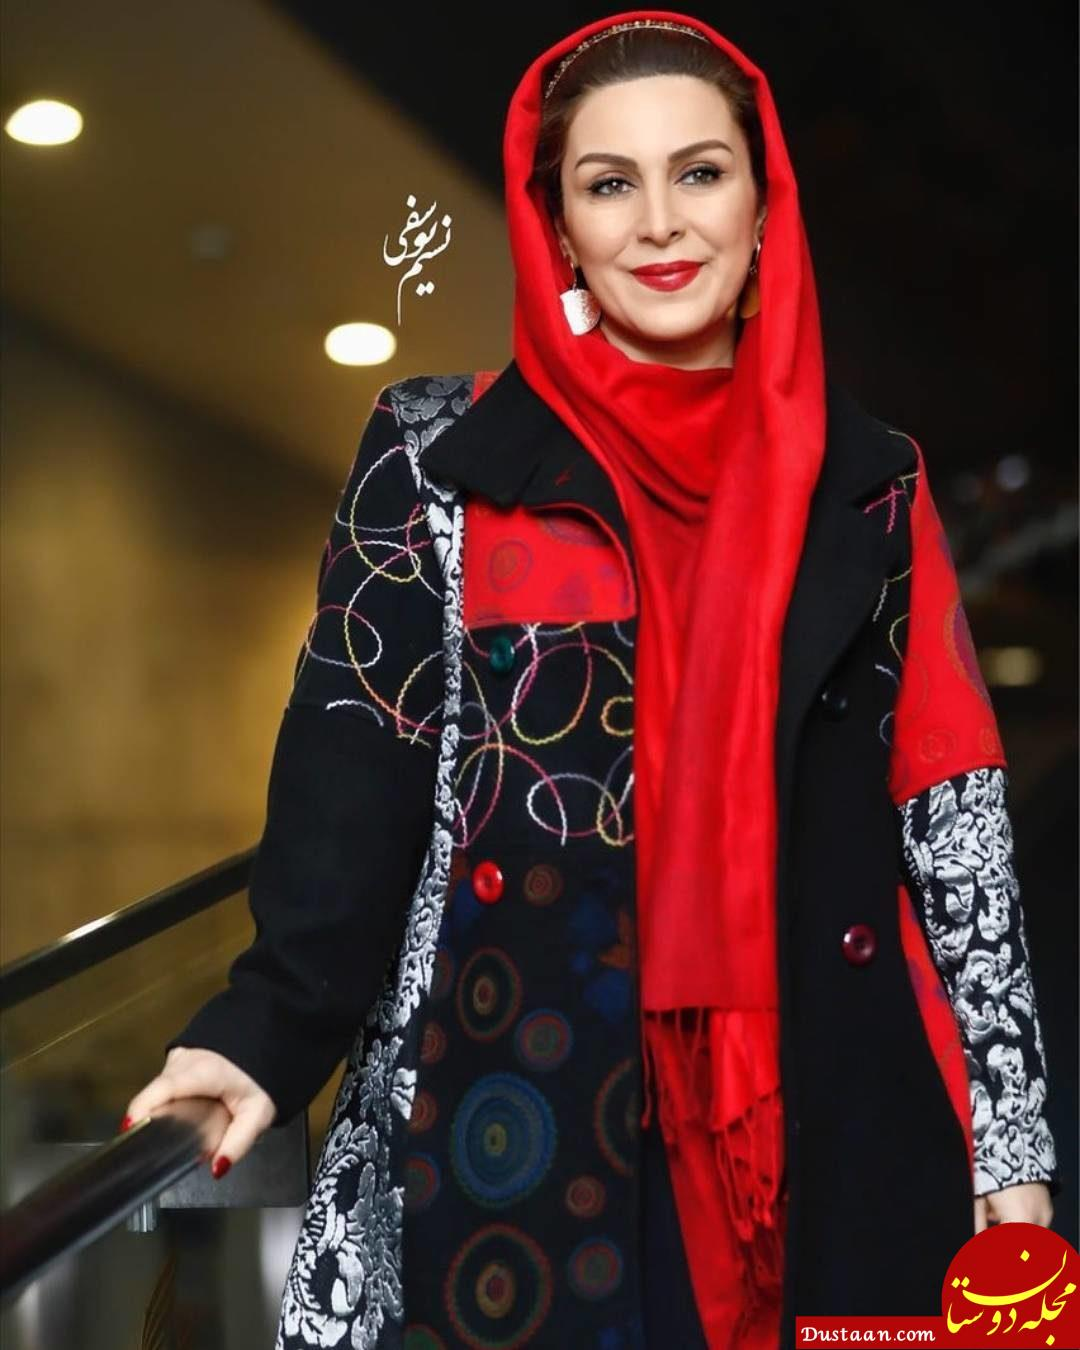 لباس متفاوت «ماه چهره خلیلی» در جشنواره فجر